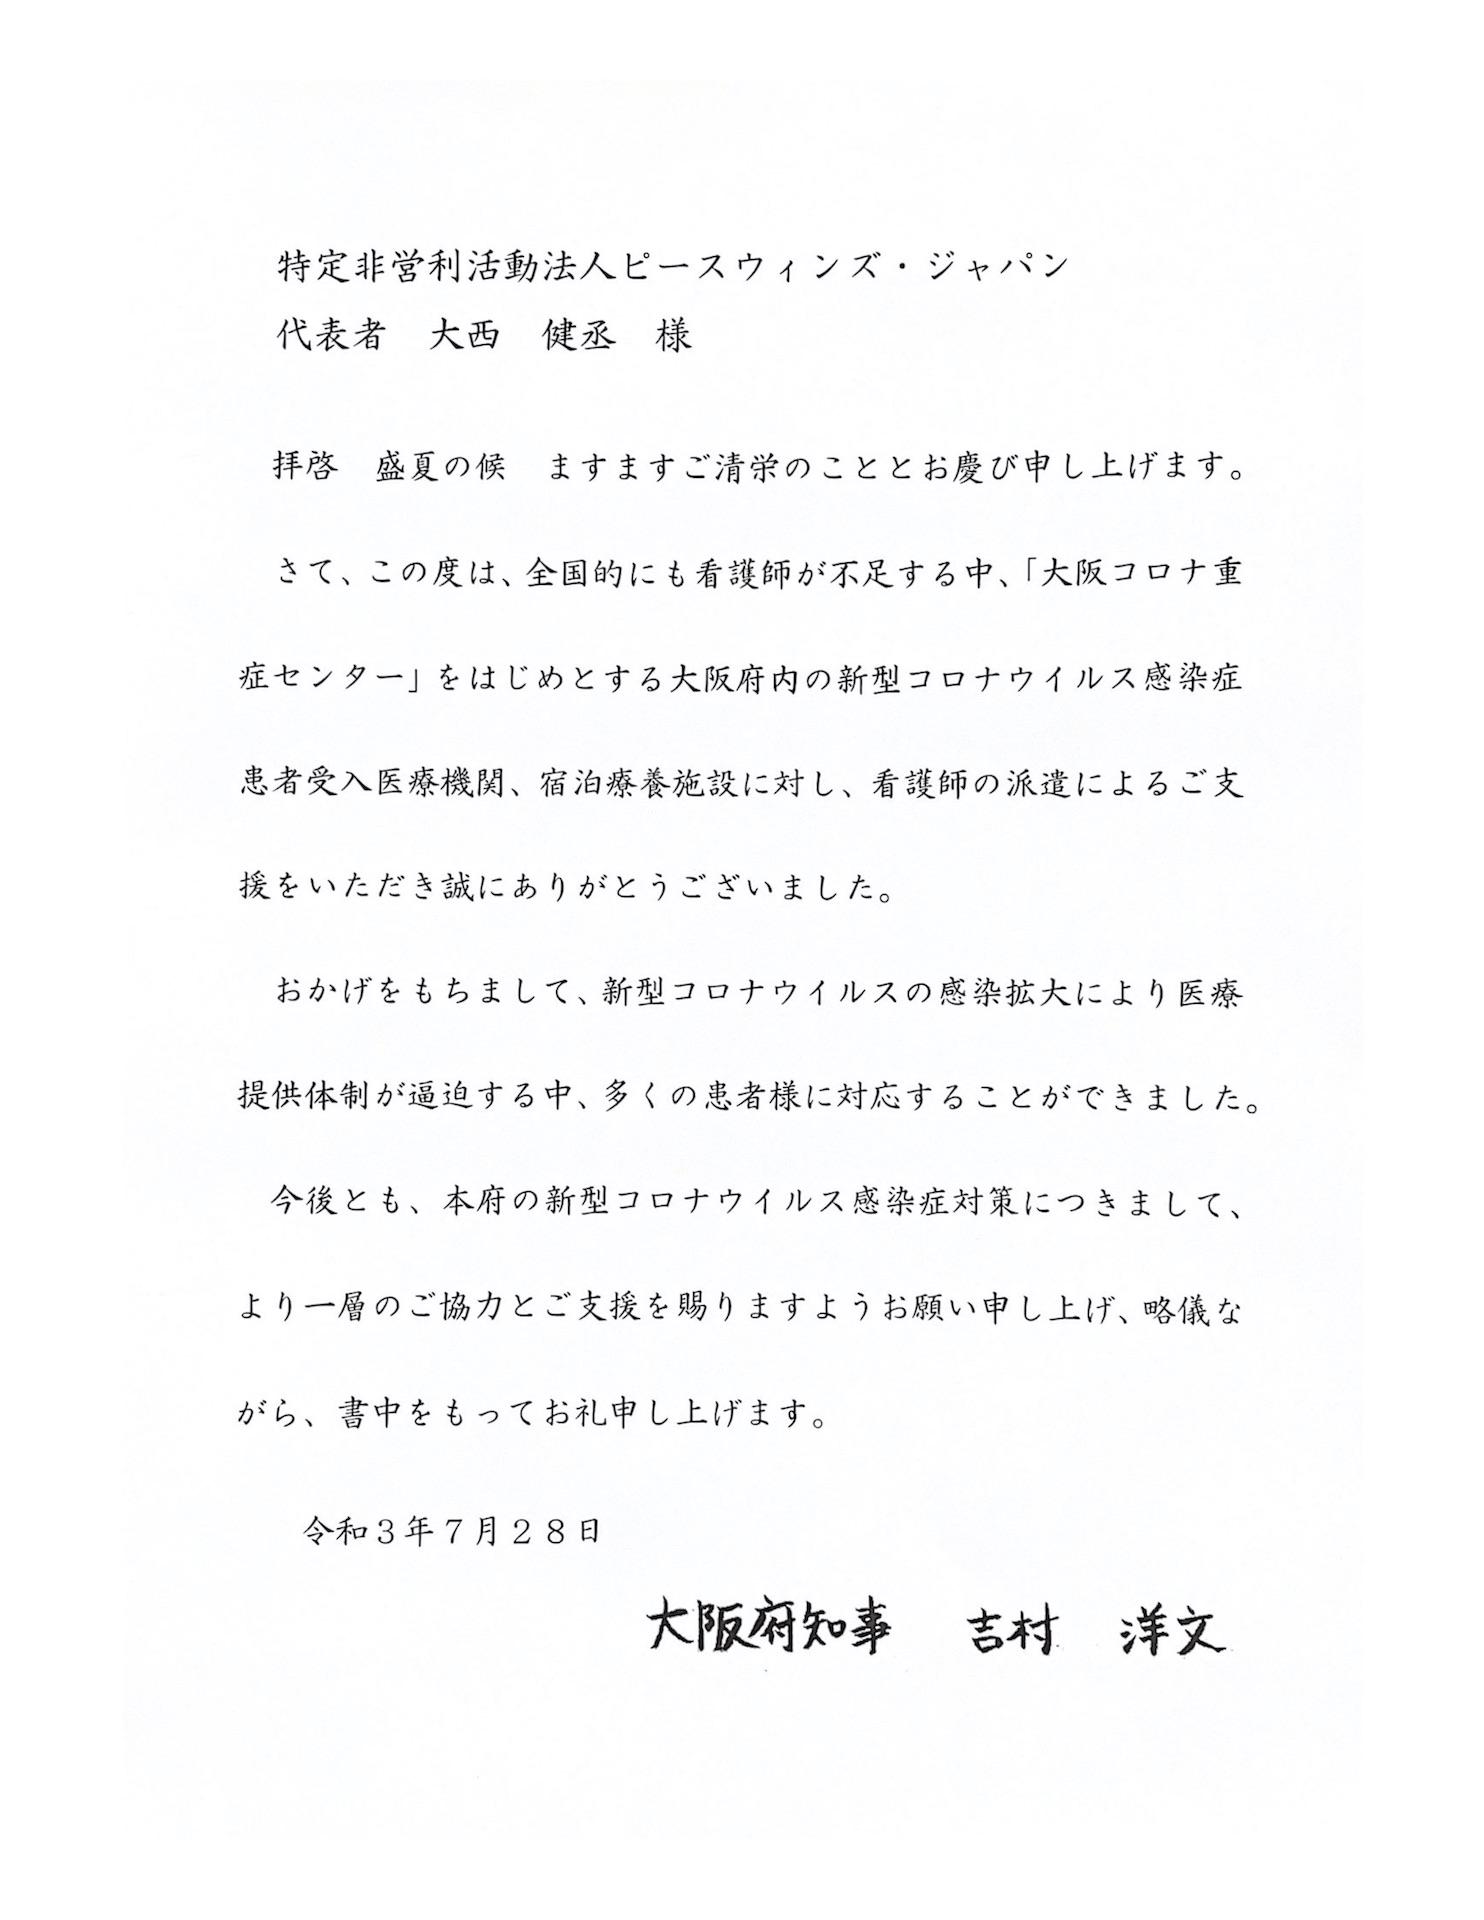 【新型コロナウイルス緊急支援】大阪府から支援に対する感謝状をいただきました。